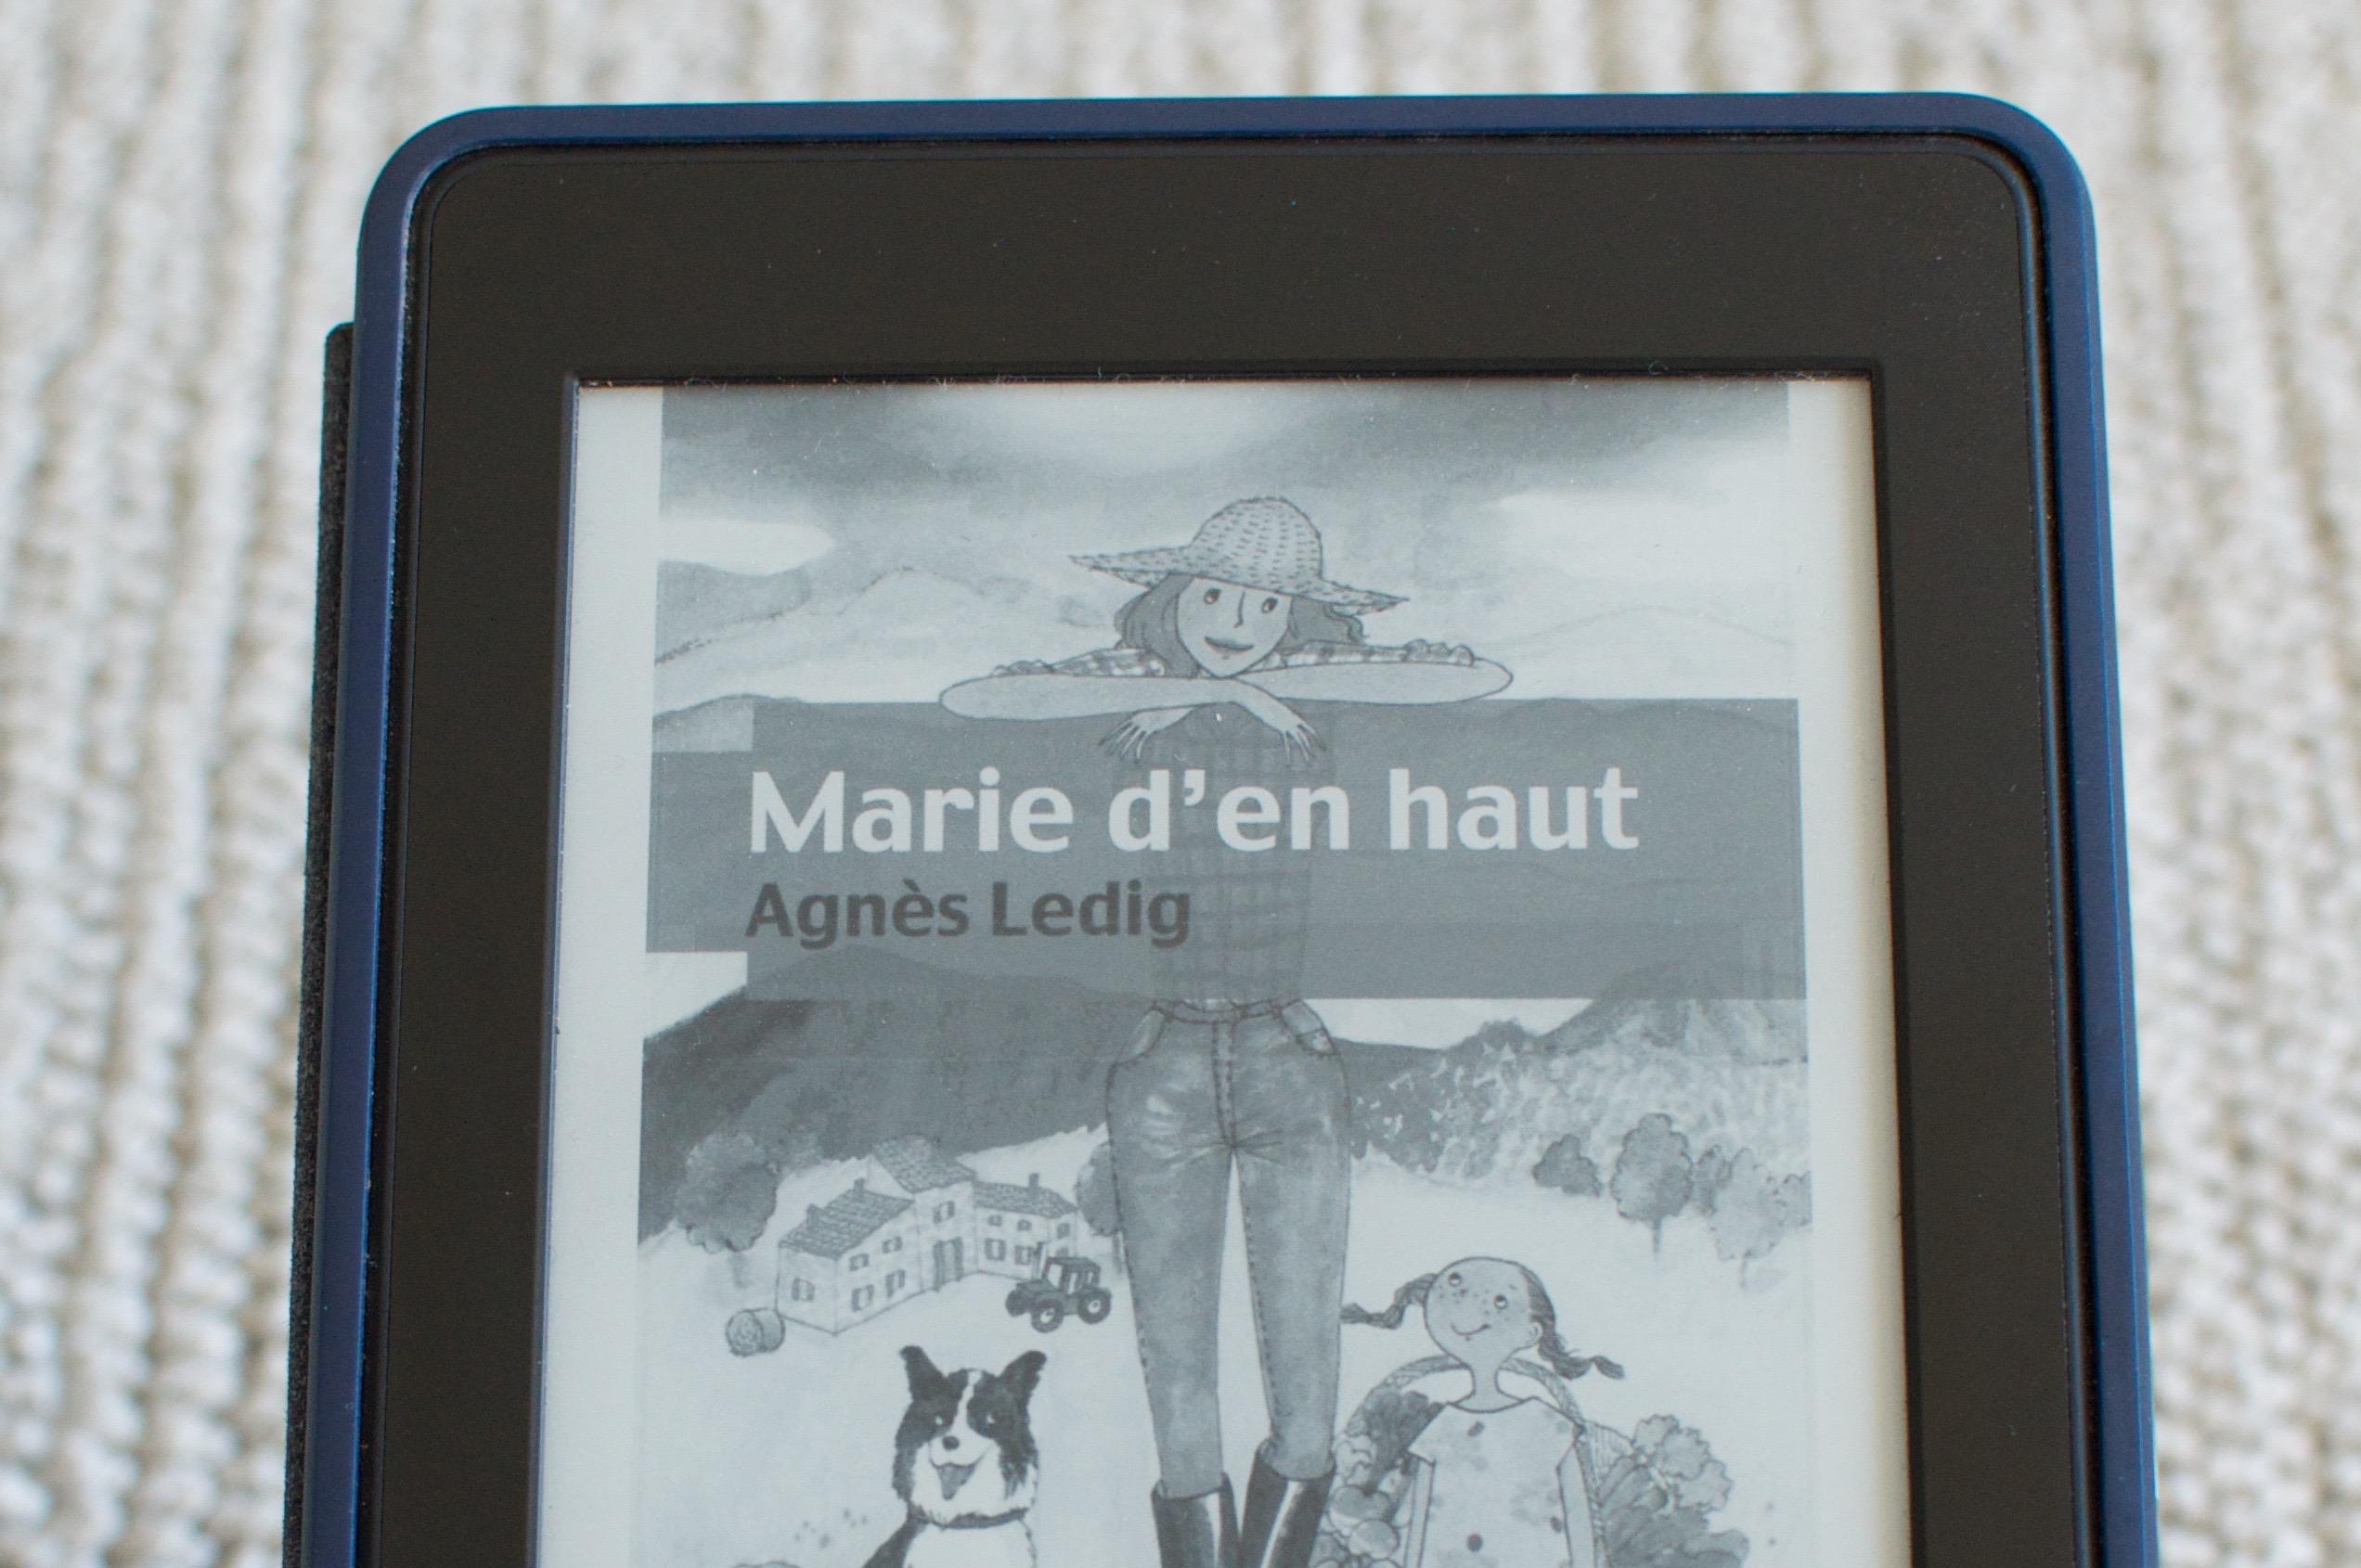 Marie d'en haut d'Agnès Ledig